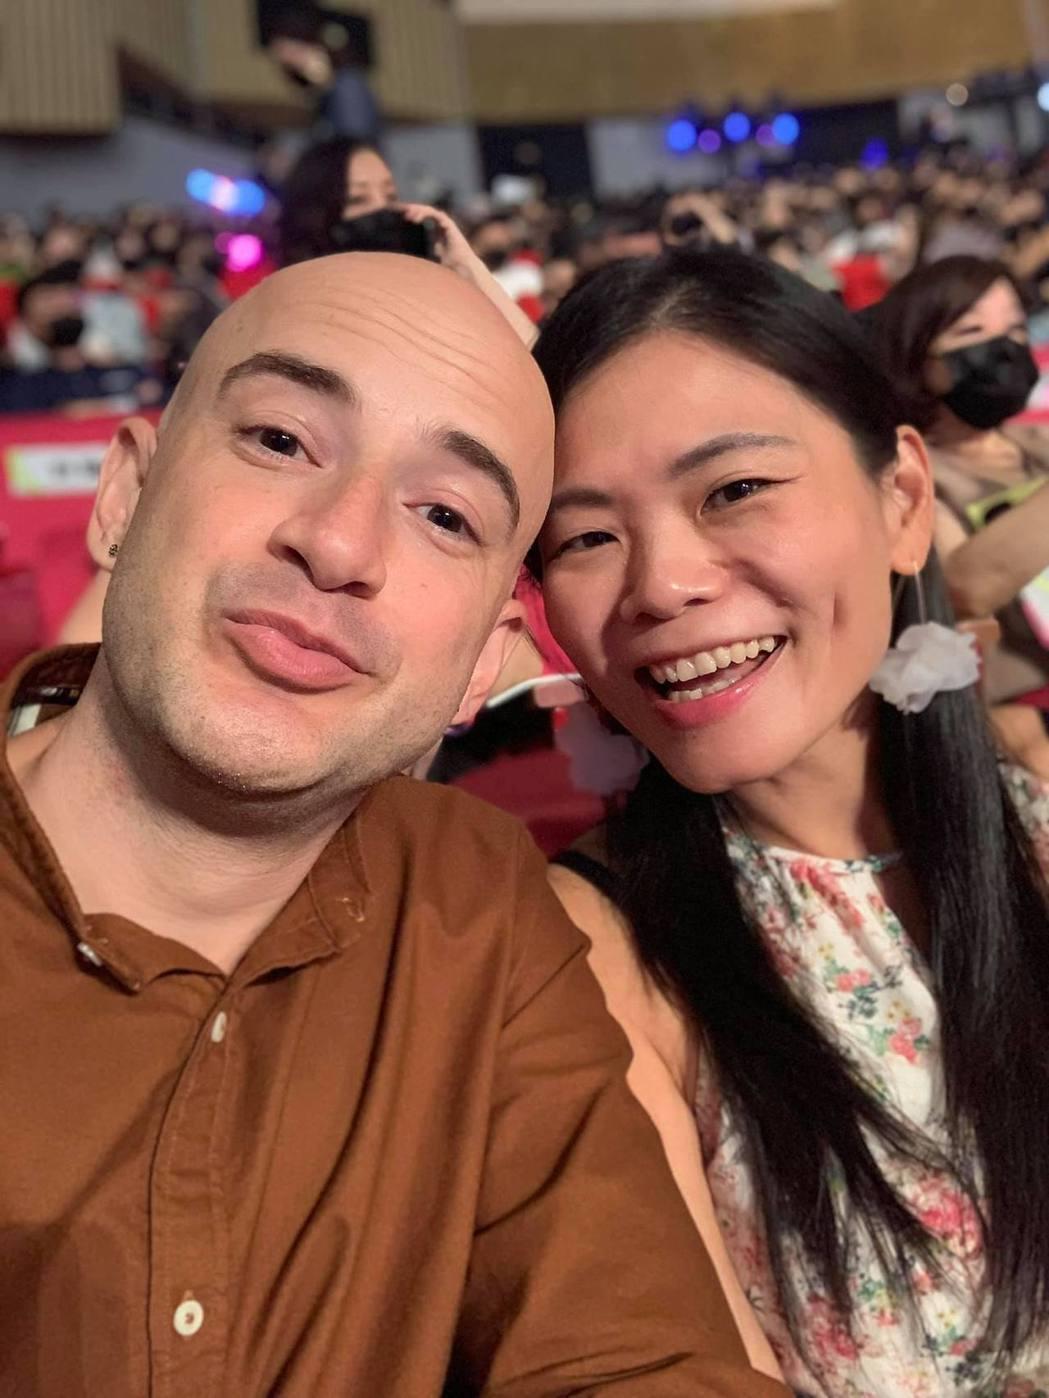 吳鳳擔任今年金鐘獎評審,帶著老婆一起出席頒獎典禮。 圖/擷自吳鳳臉書